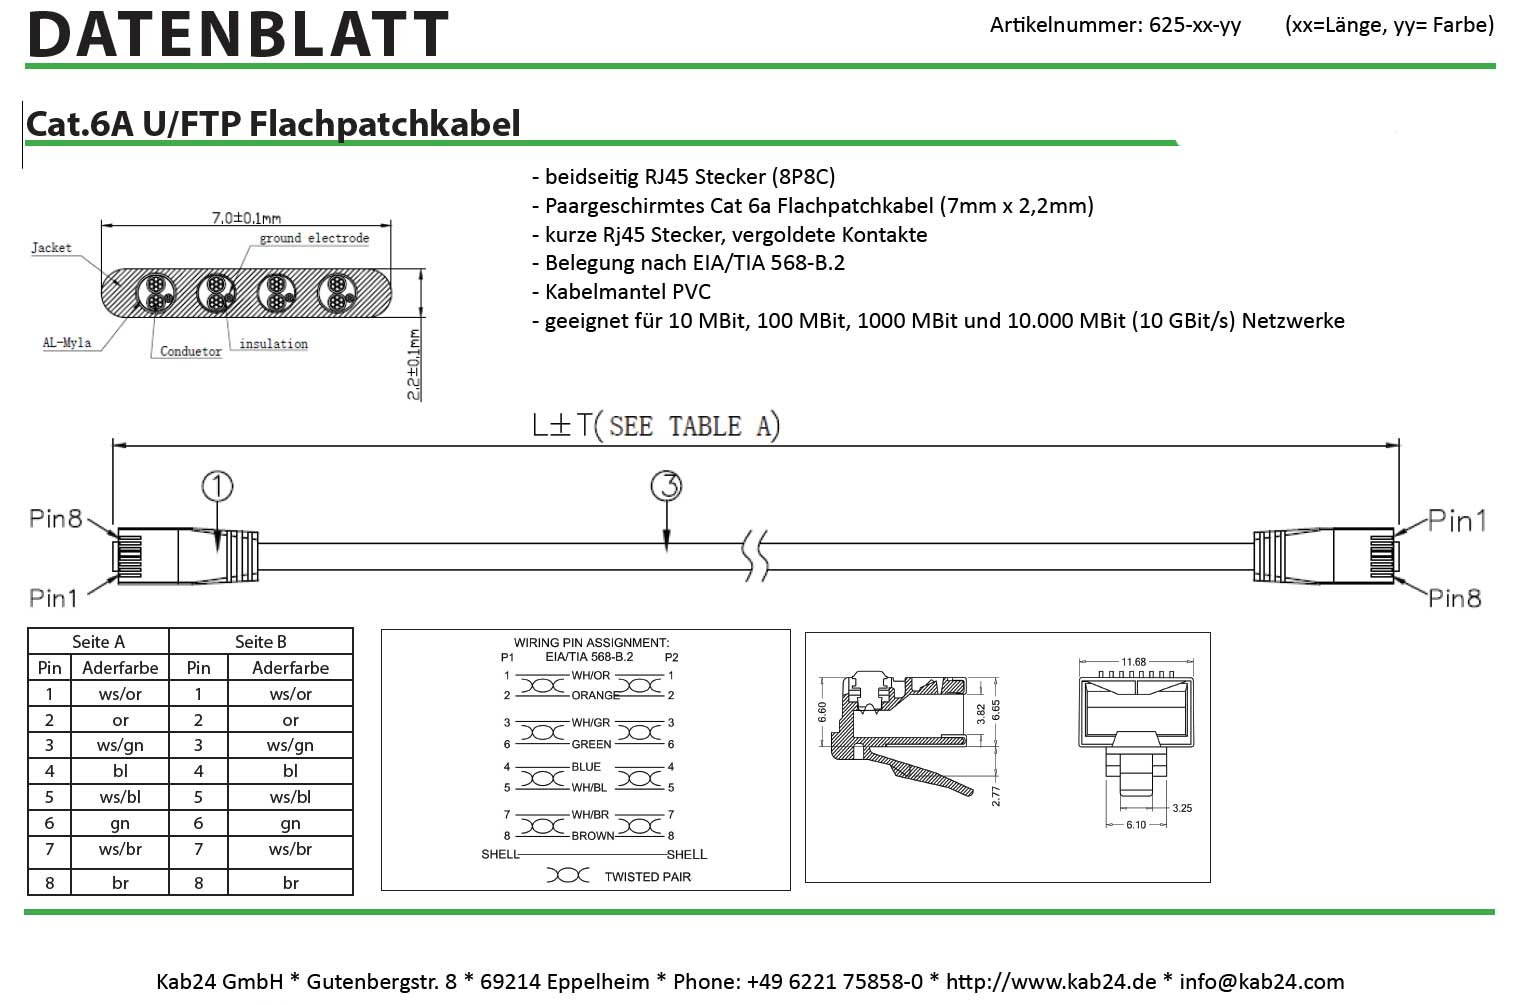 Niedlich Rj45 Stecker Schaltplan Bilder - Der Schaltplan - triangre.info